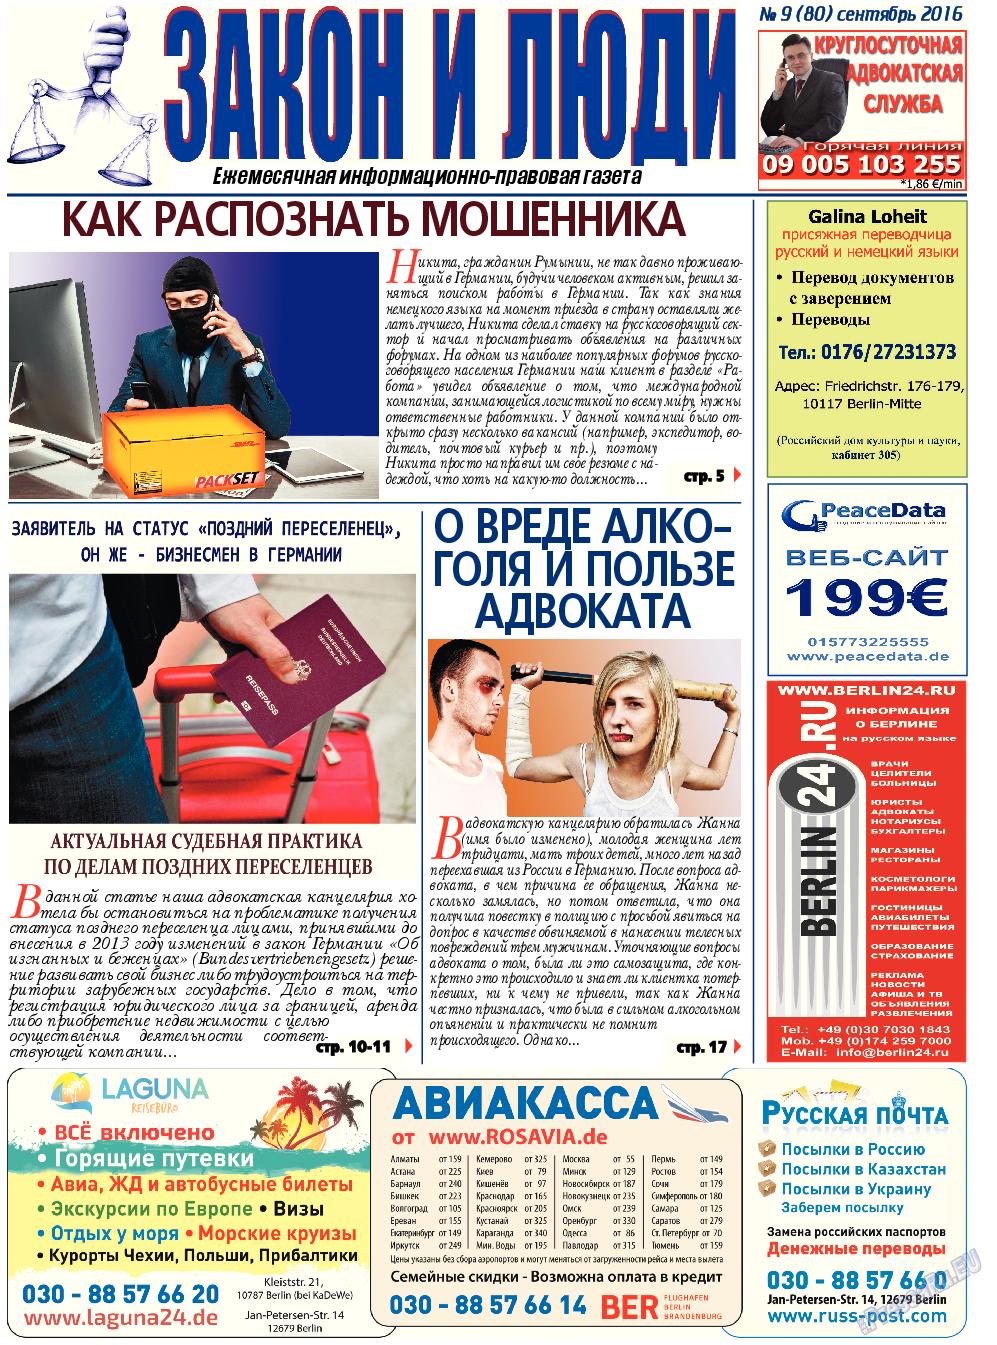 Закон и люди (газета). 2016 год, номер 9, стр. 1